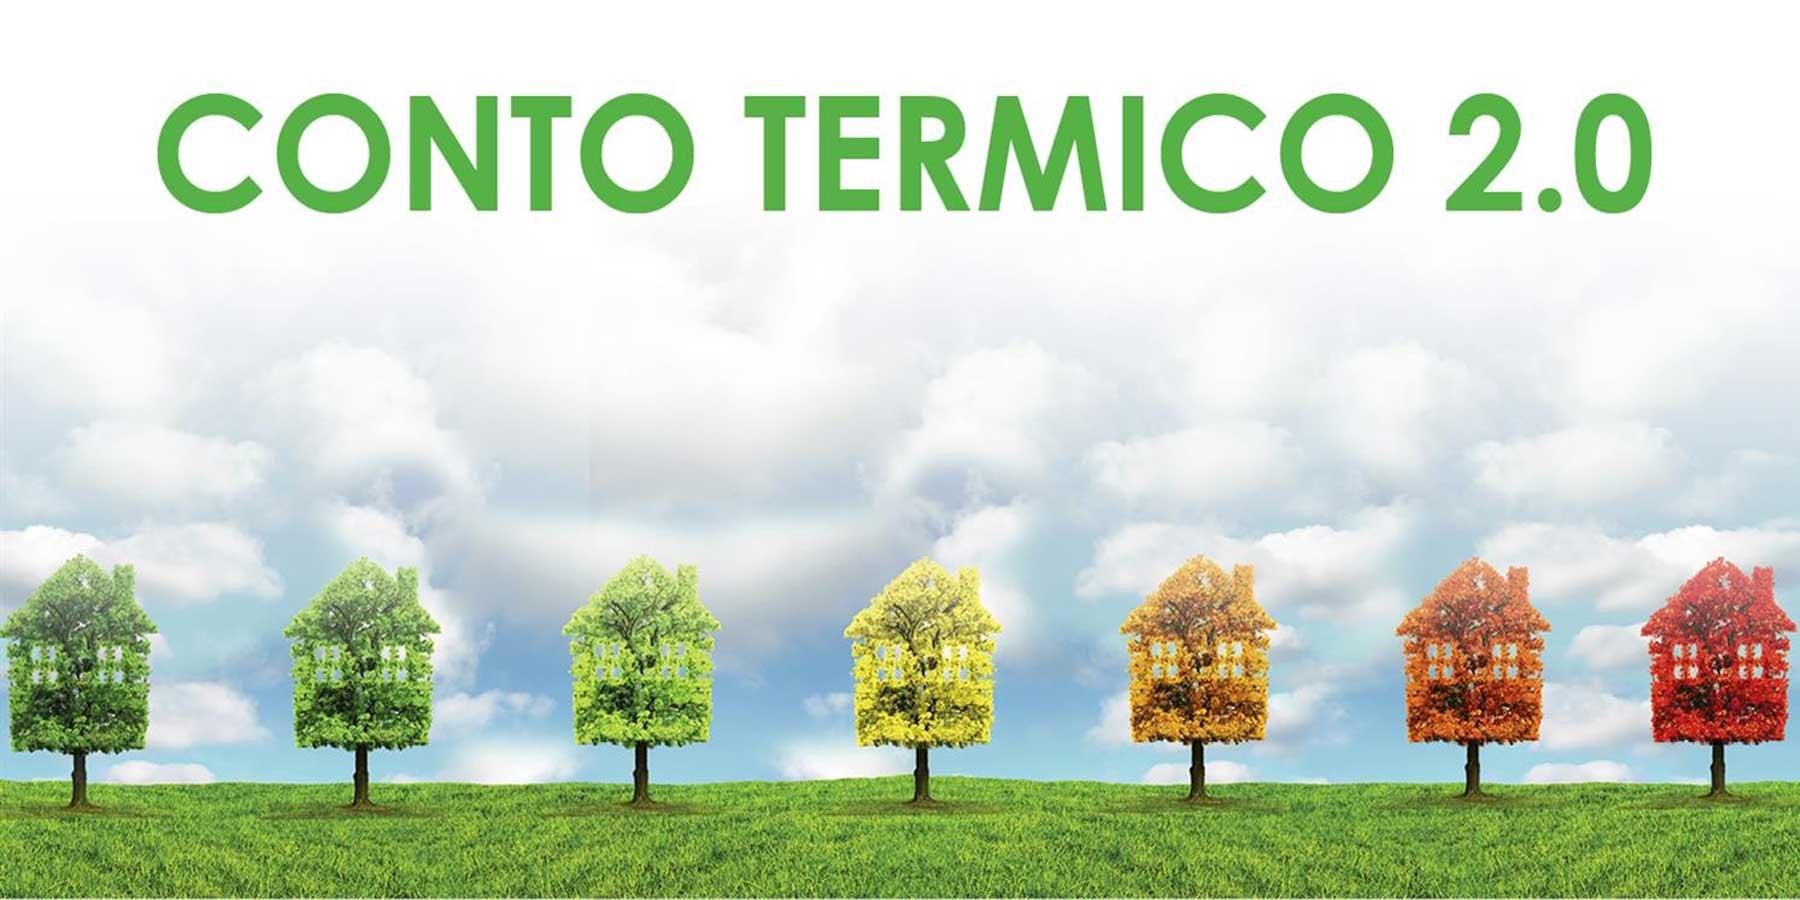 Conto termico: come calcolare l'incentivo per sostituire stufe e caldaie